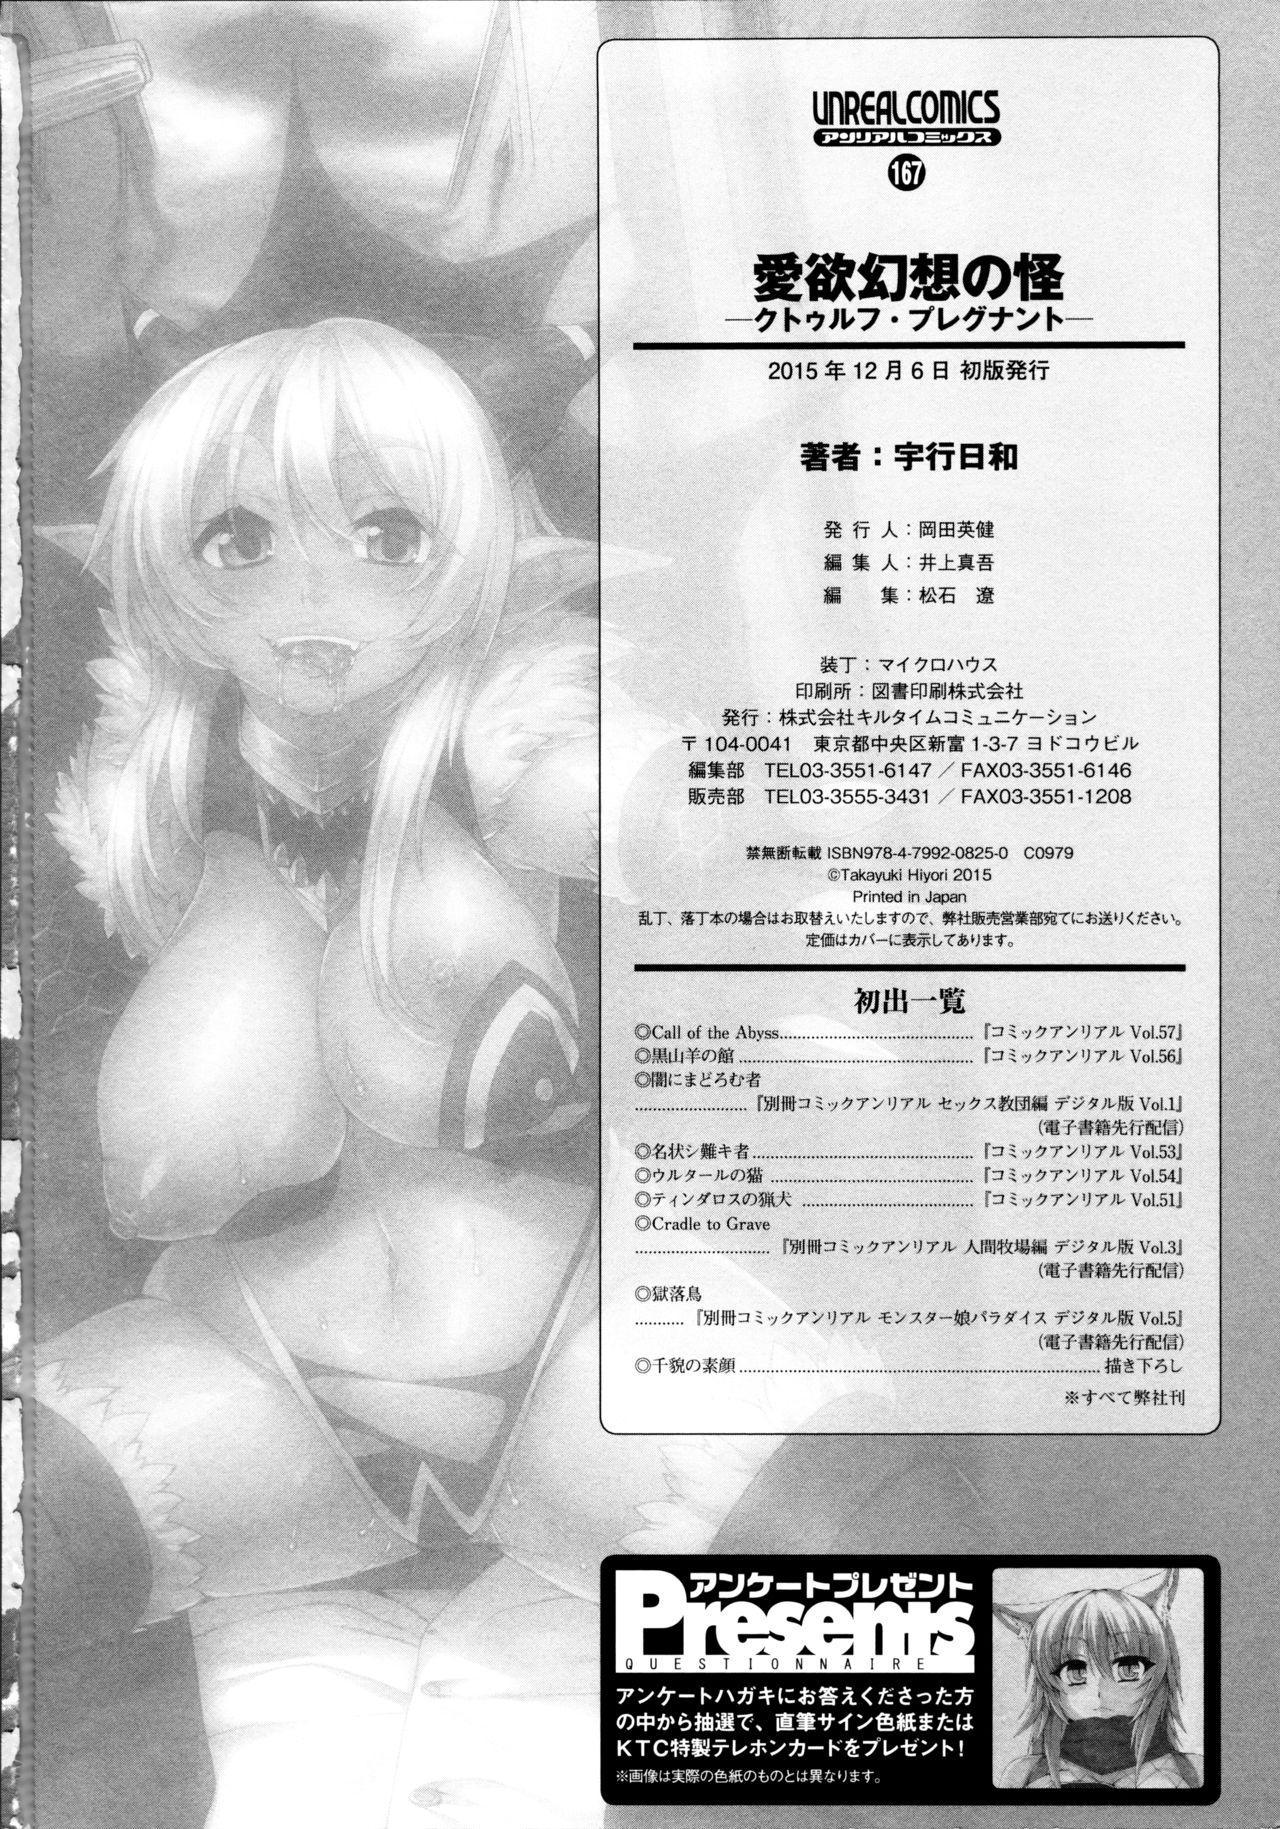 [Takayuki Hiyori] Nuru - Nyarlathotep - Sengao No Egao (Aiyoku Gensou no Kai -Cthulhu Pregnant-)[English][ChoriScans] 15